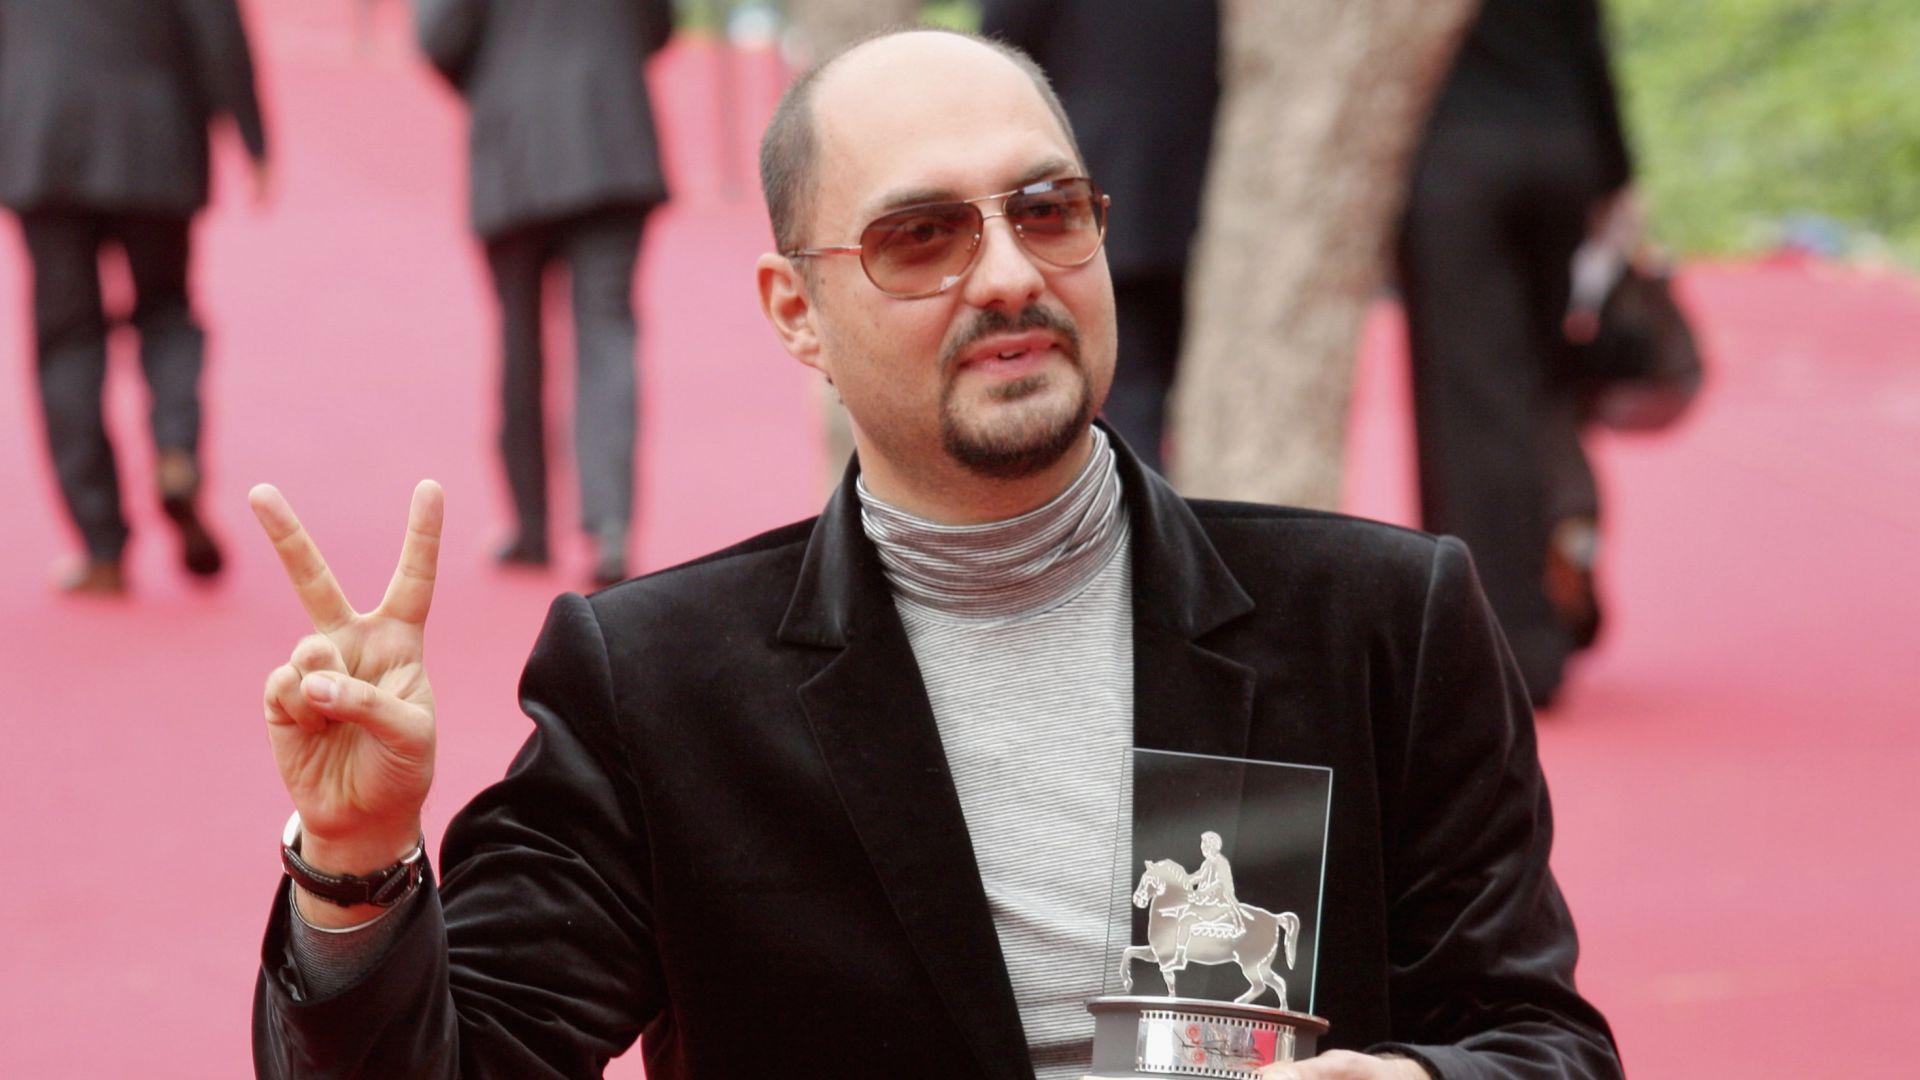 Режисьорът под домашен арест Кирил Серебренников е удостоен с френския Орден за изкуство и литература